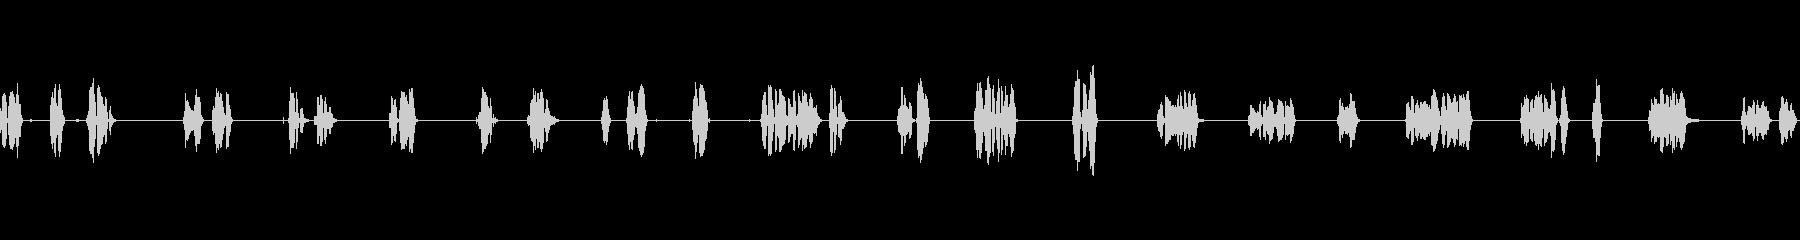 アメリカンインディアンスピーキング...の未再生の波形